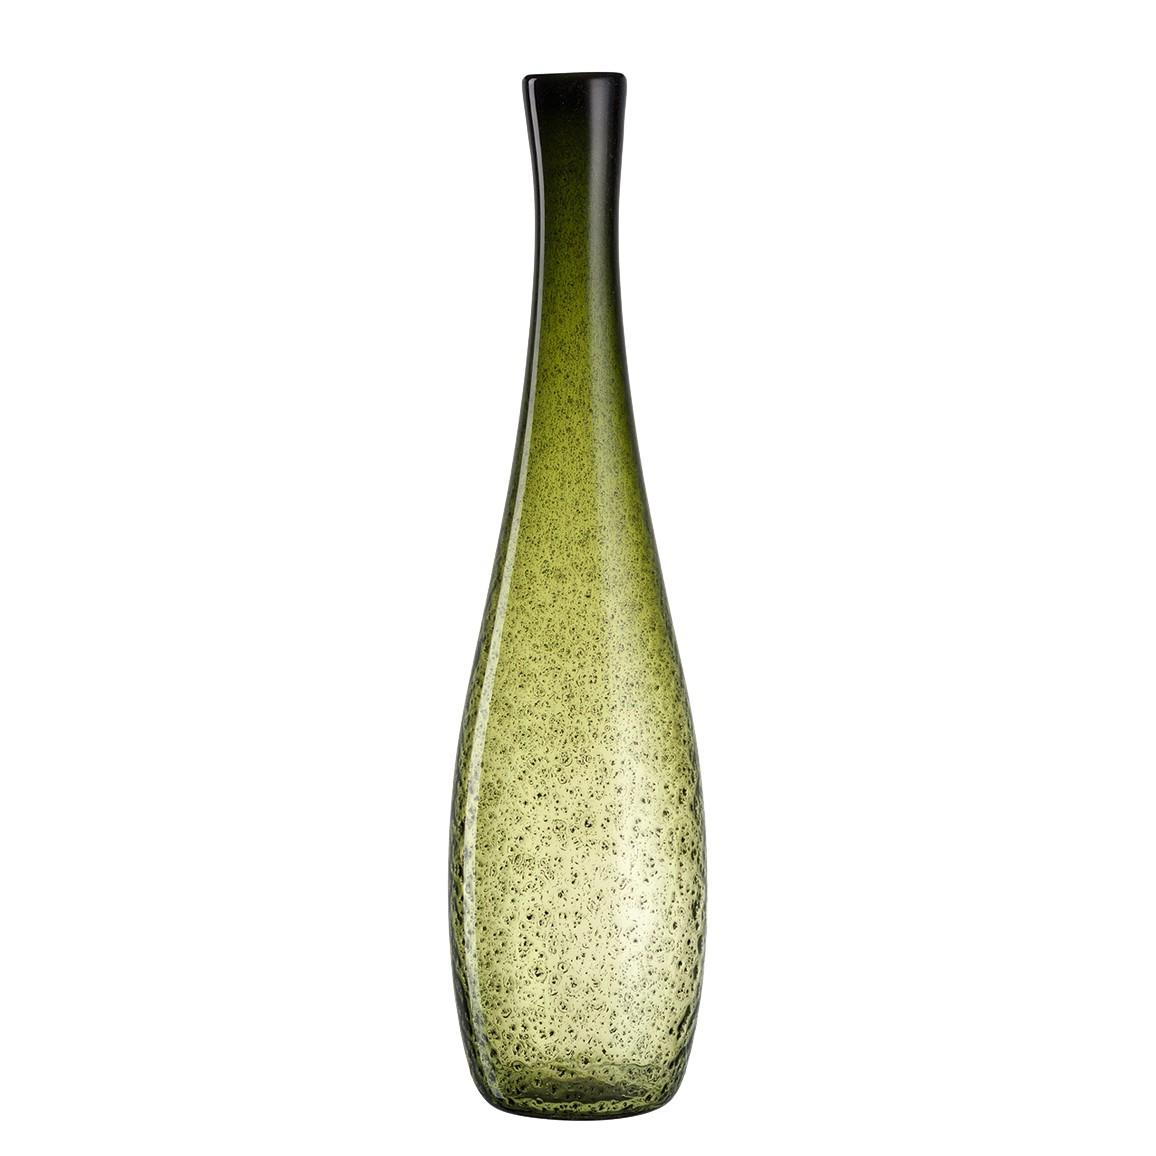 leonardo vase preisvergleich die besten angebote online kaufen. Black Bedroom Furniture Sets. Home Design Ideas